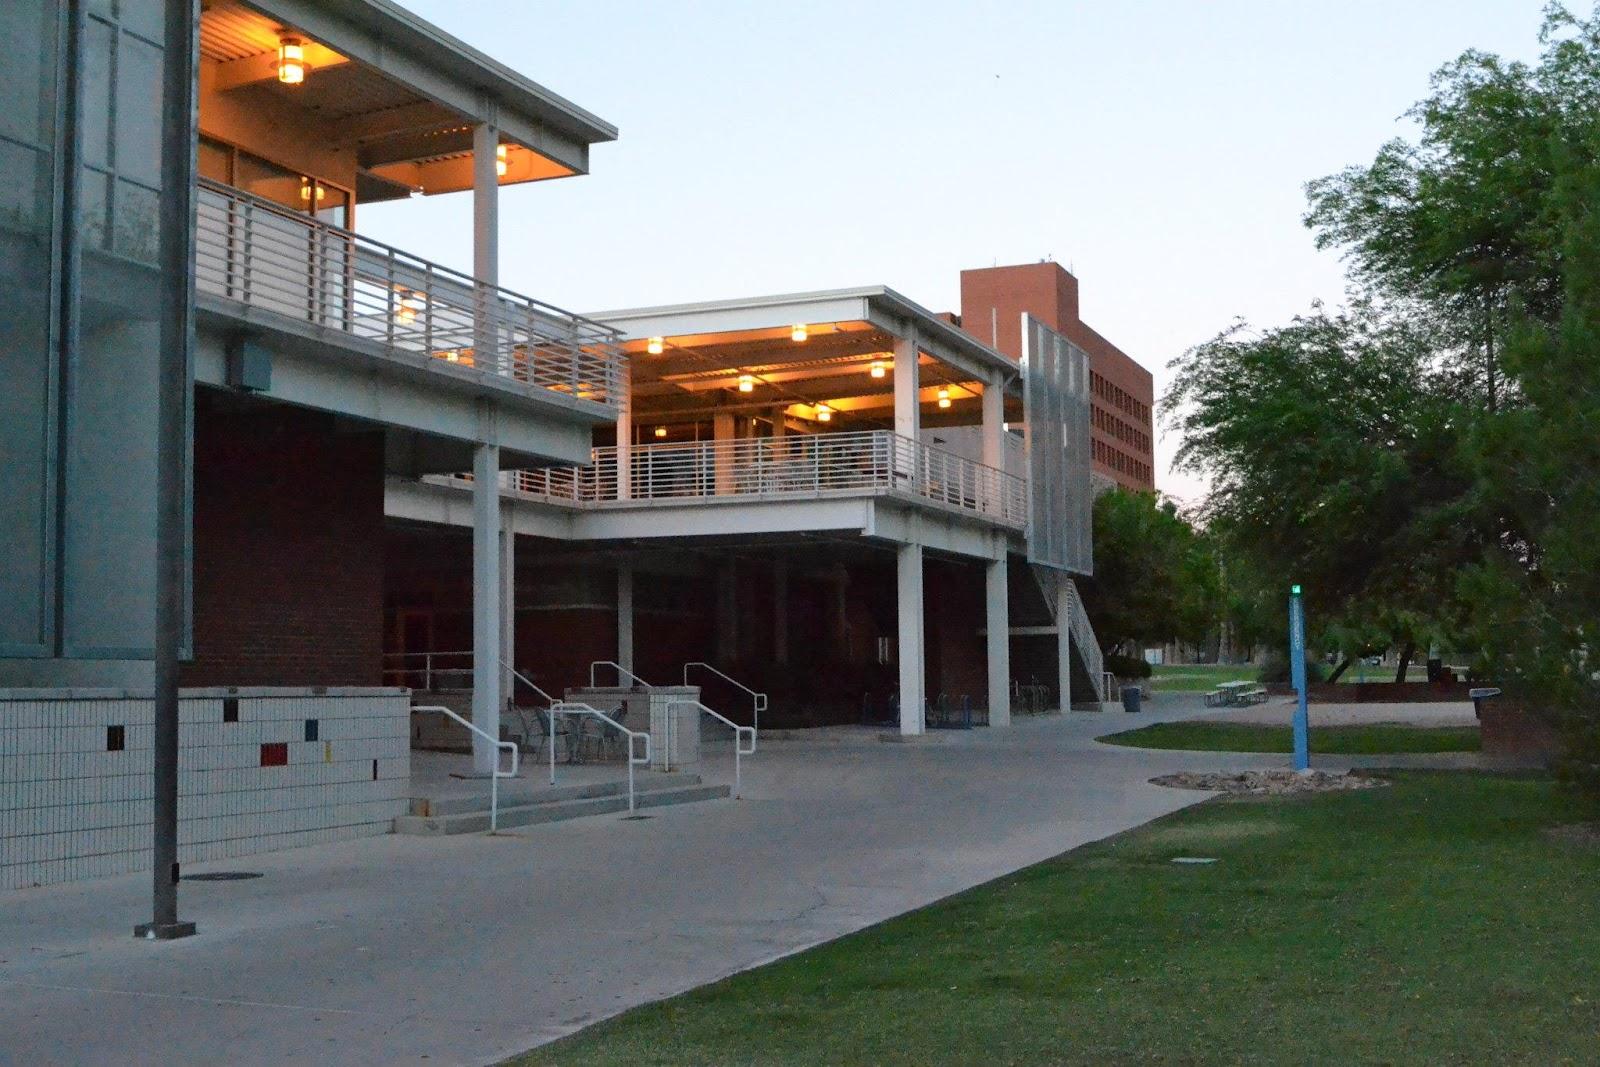 Tucson (AZ) United States  City pictures : ... Photos For The University Of Arizona, Tucson, Arizona, United States